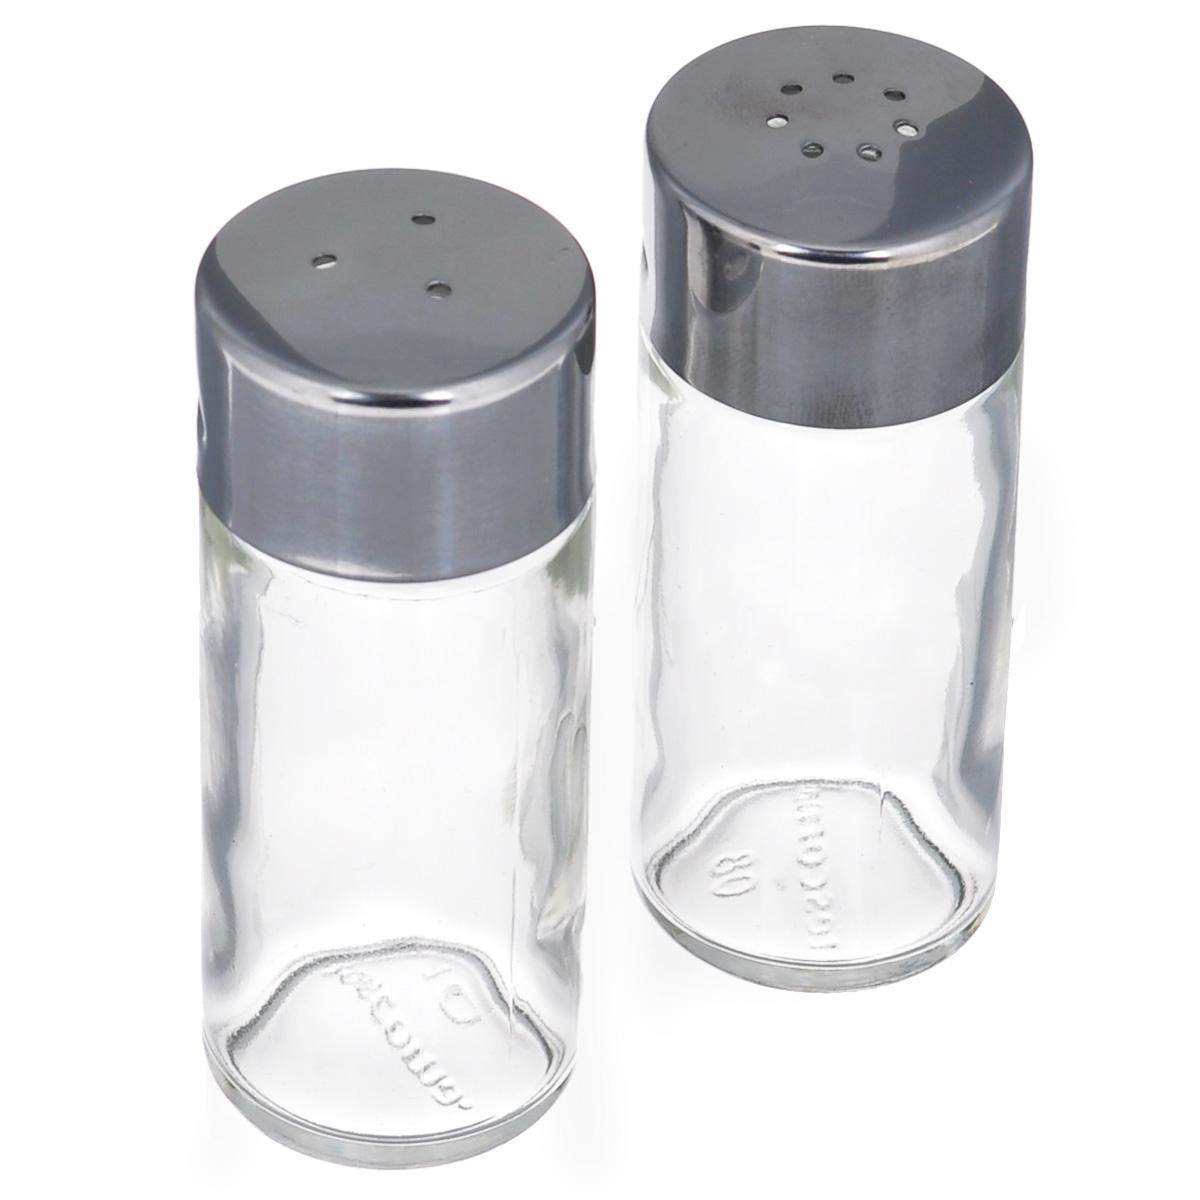 Набор для специй Tescoma Club, 2 предмета25603Набор Tescoma Club, состоящий из солонки и перечницы, изготовлен из первоклассной нержавеющей стали и стекла. Солонка и перечница легки в использовании: стоит только перевернуть емкости, и вы с легкостью сможете поперчить или добавить соль по вкусу в любое блюдо. Дизайн, эстетичность и функциональность набора позволят ему стать достойным дополнением к кухонному инвентарю.